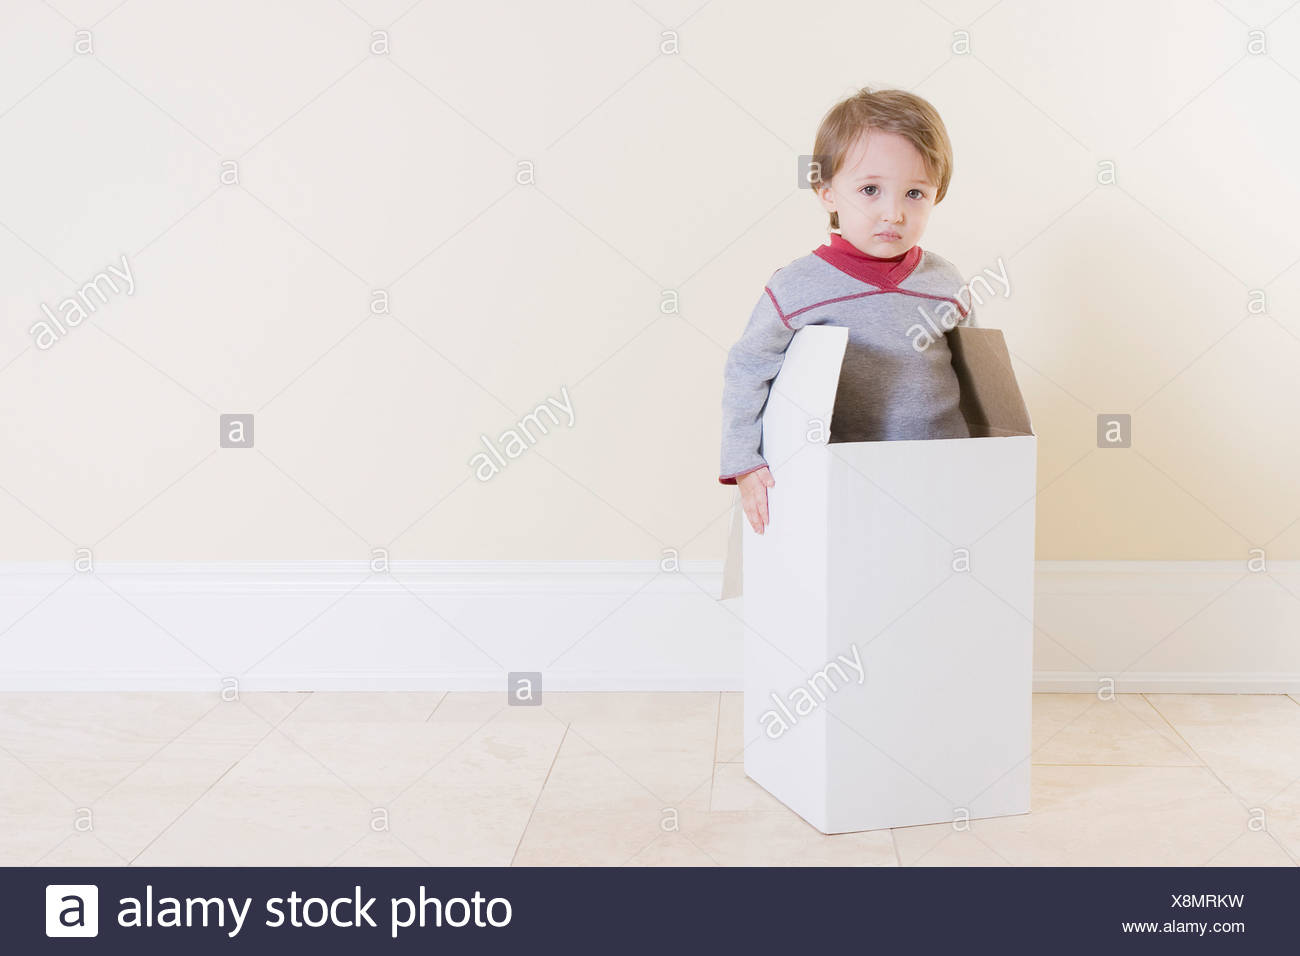 Kleiner Junge spielt mit Box Stockfoto